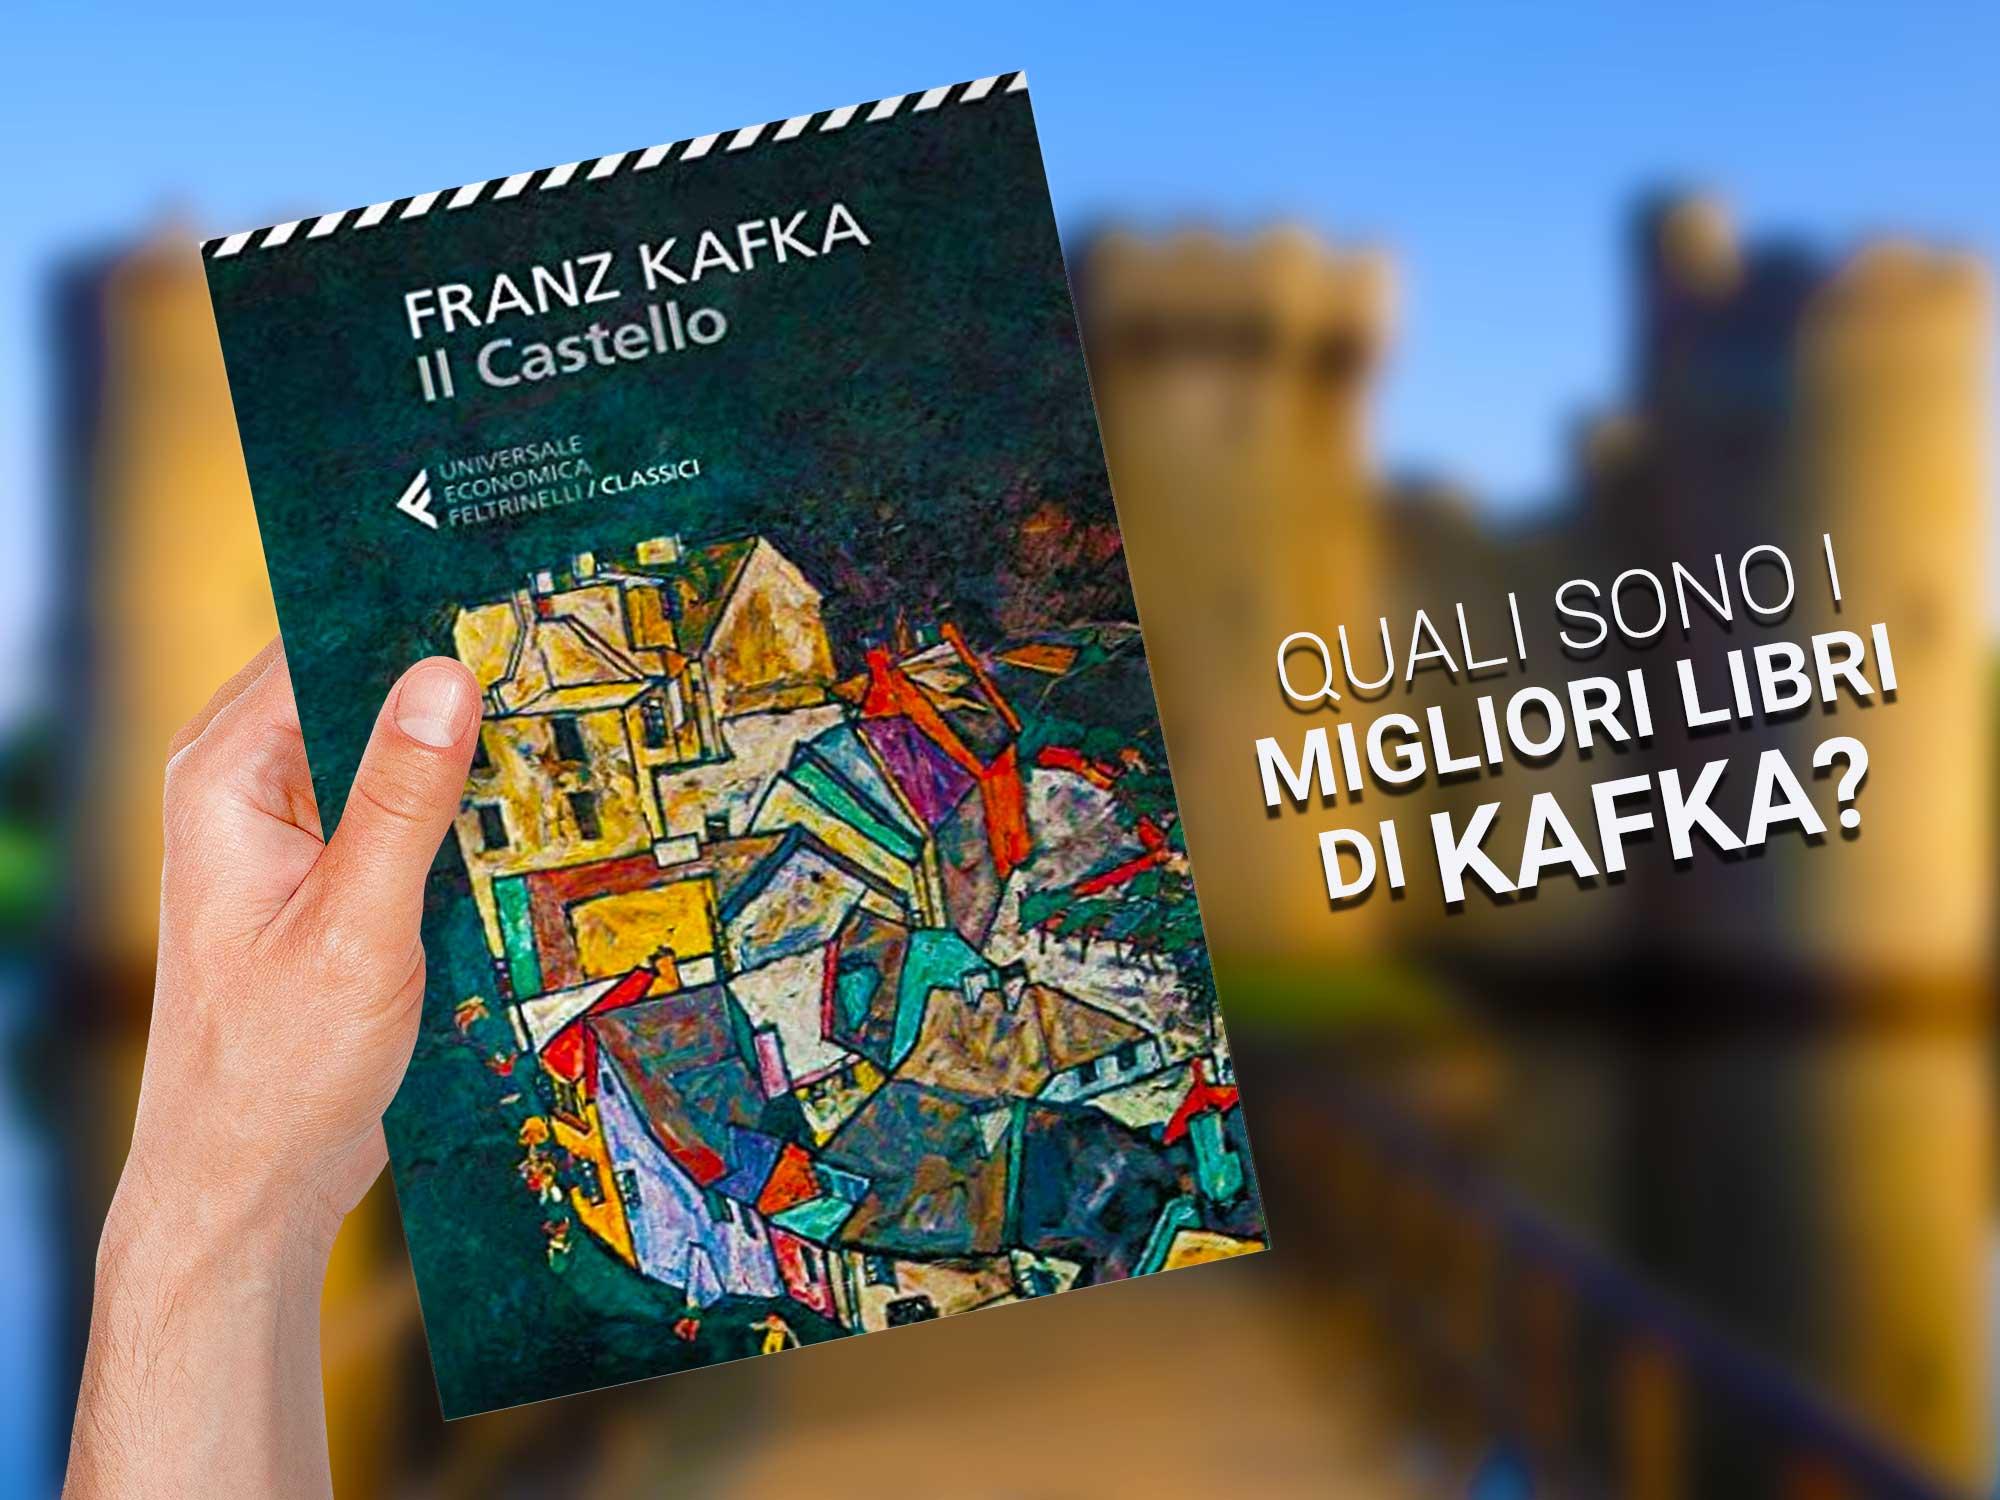 libro-di-kafka-castello-migliore